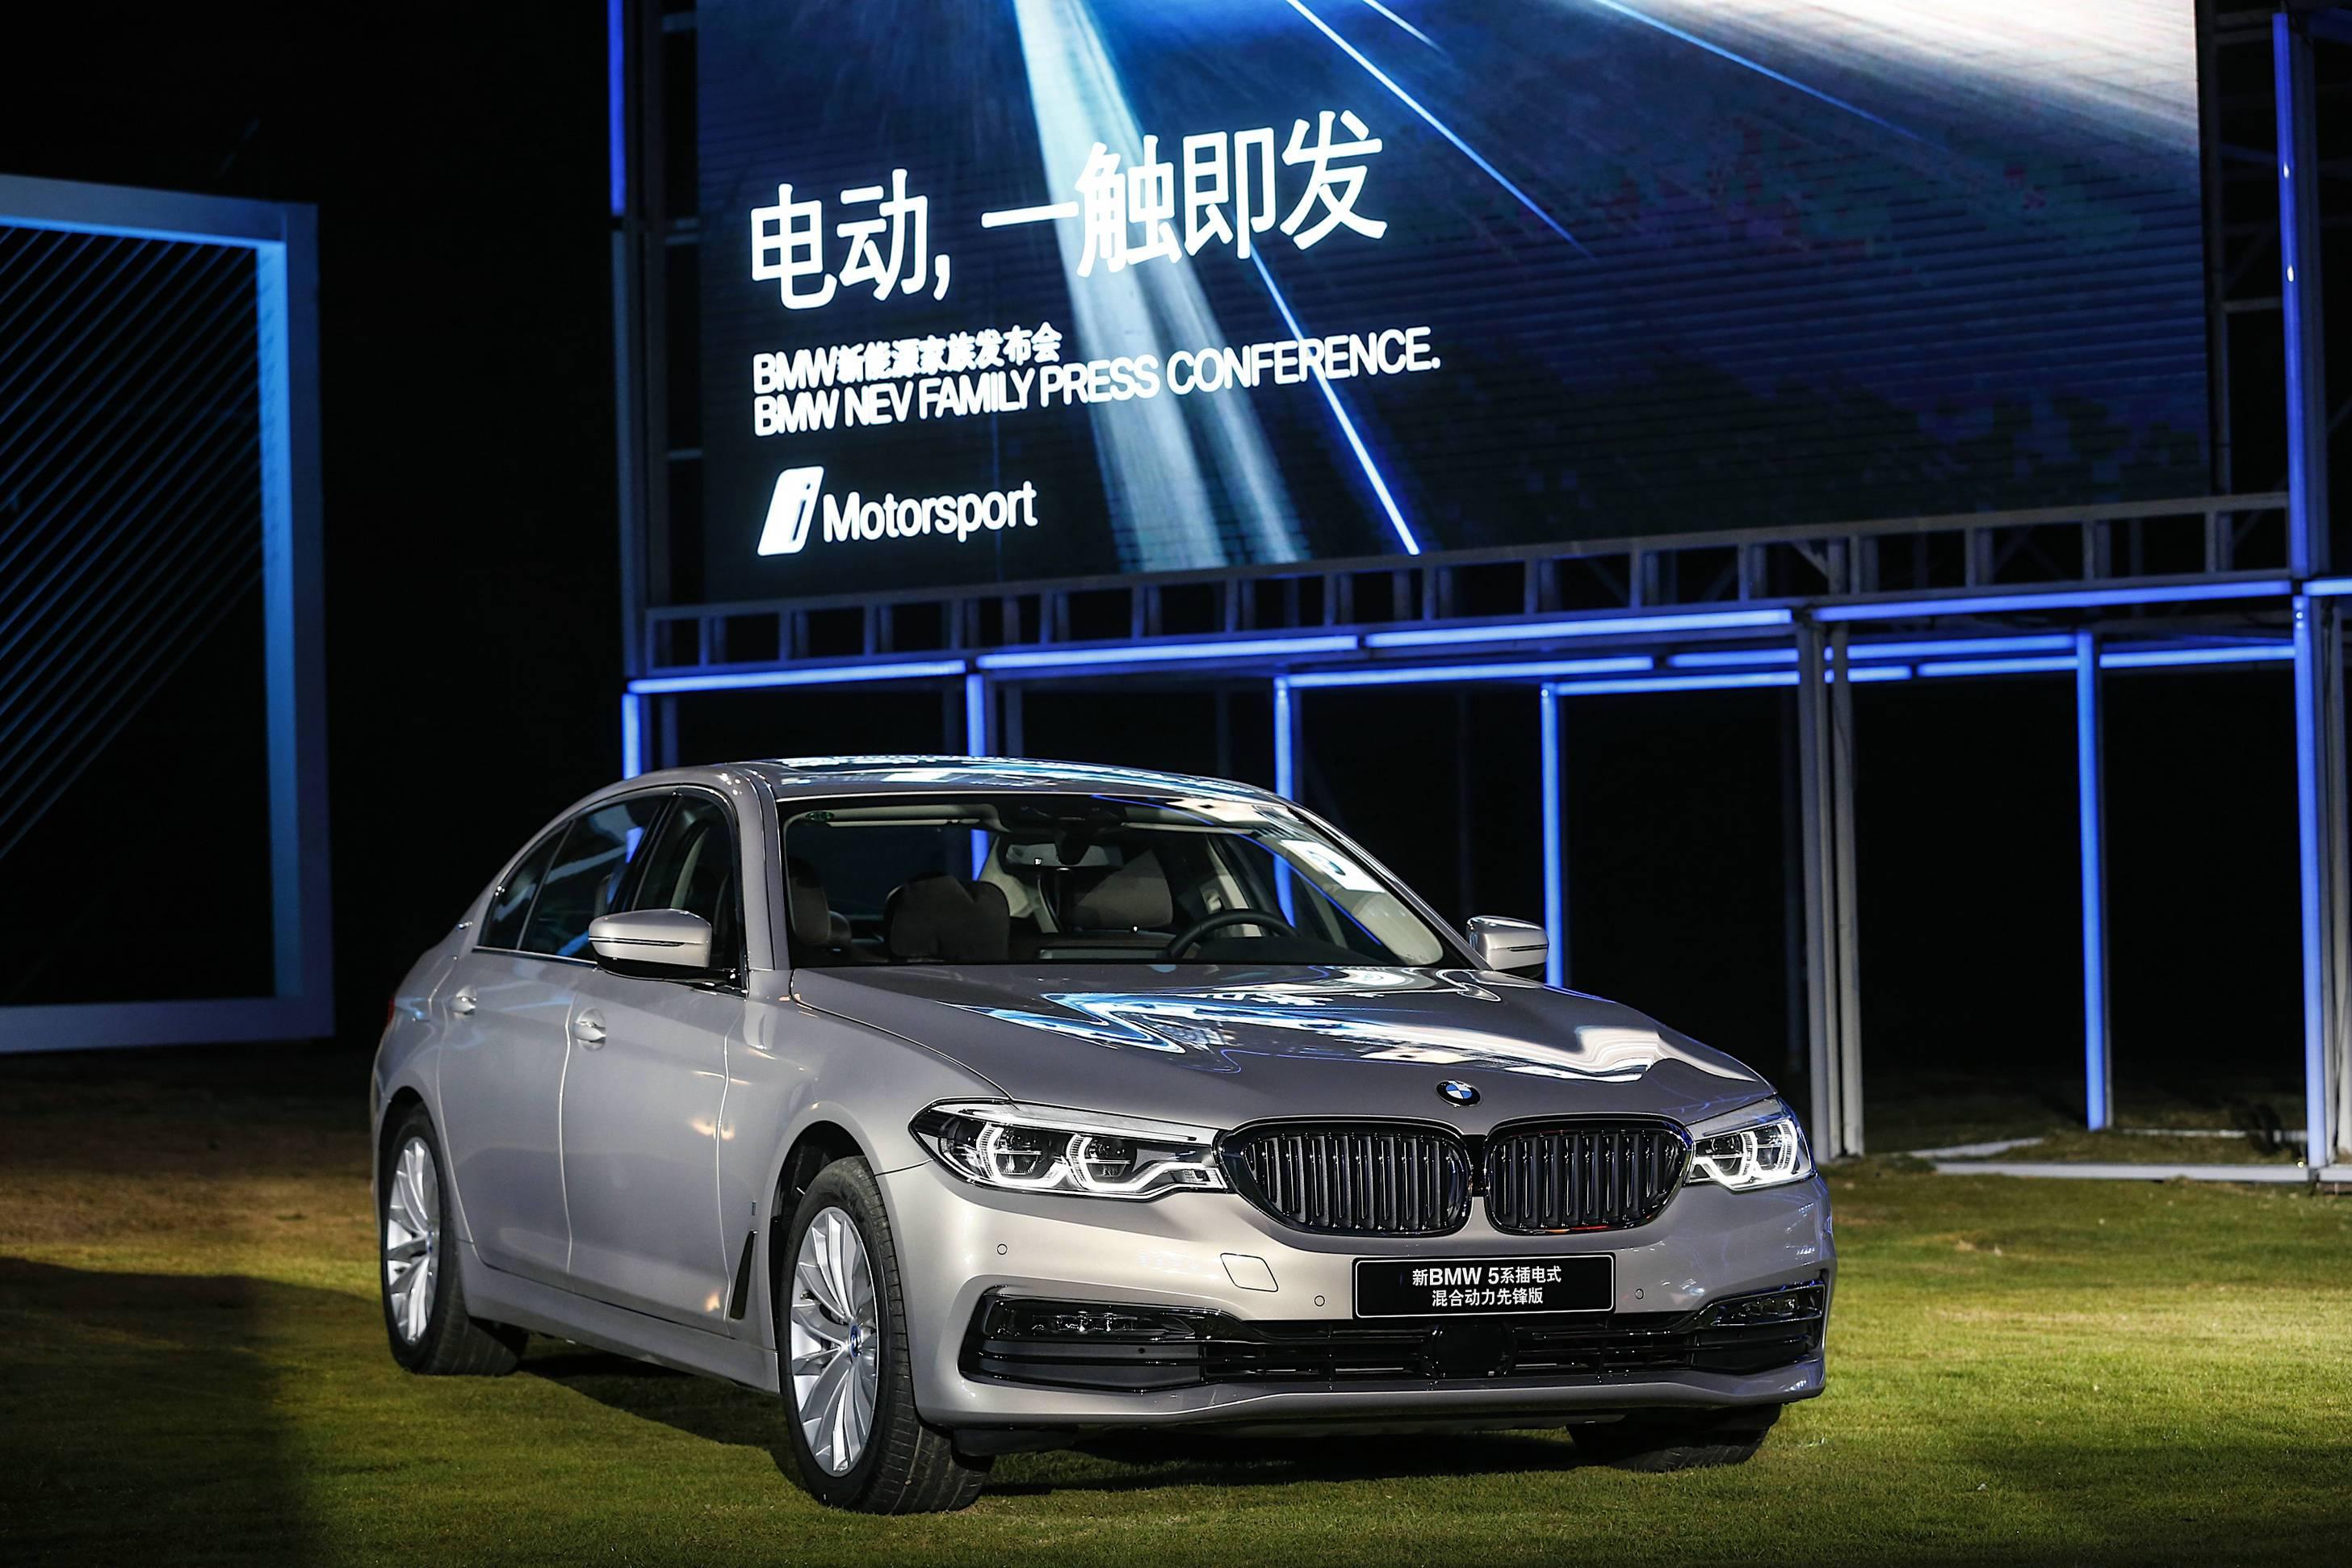 08.2019款新BMW5系 插电式混合动力先锋版.jpg